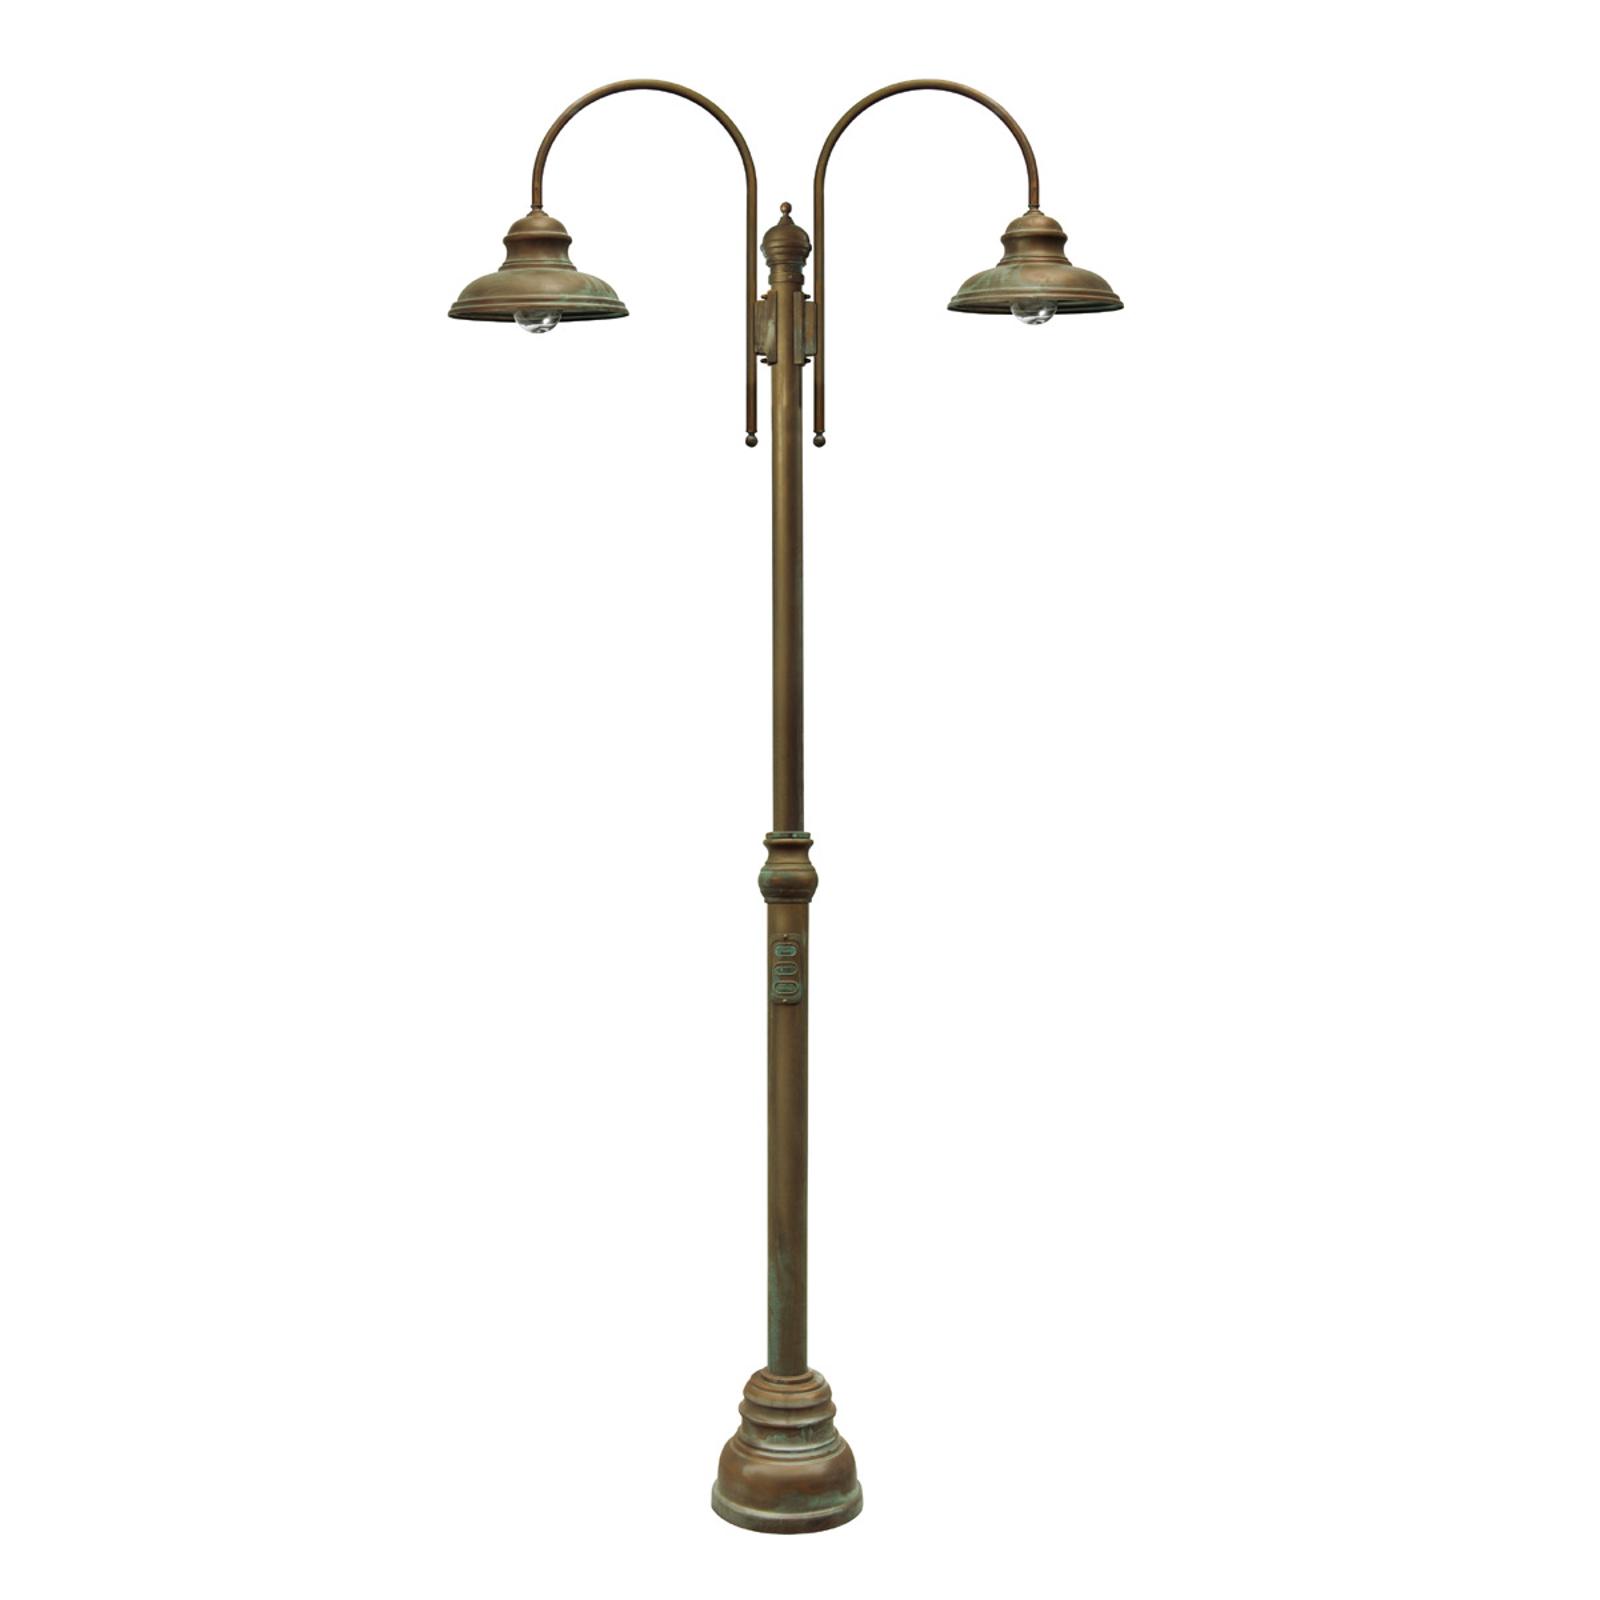 Lampione Luca ottone rame anticato, a 2 luci